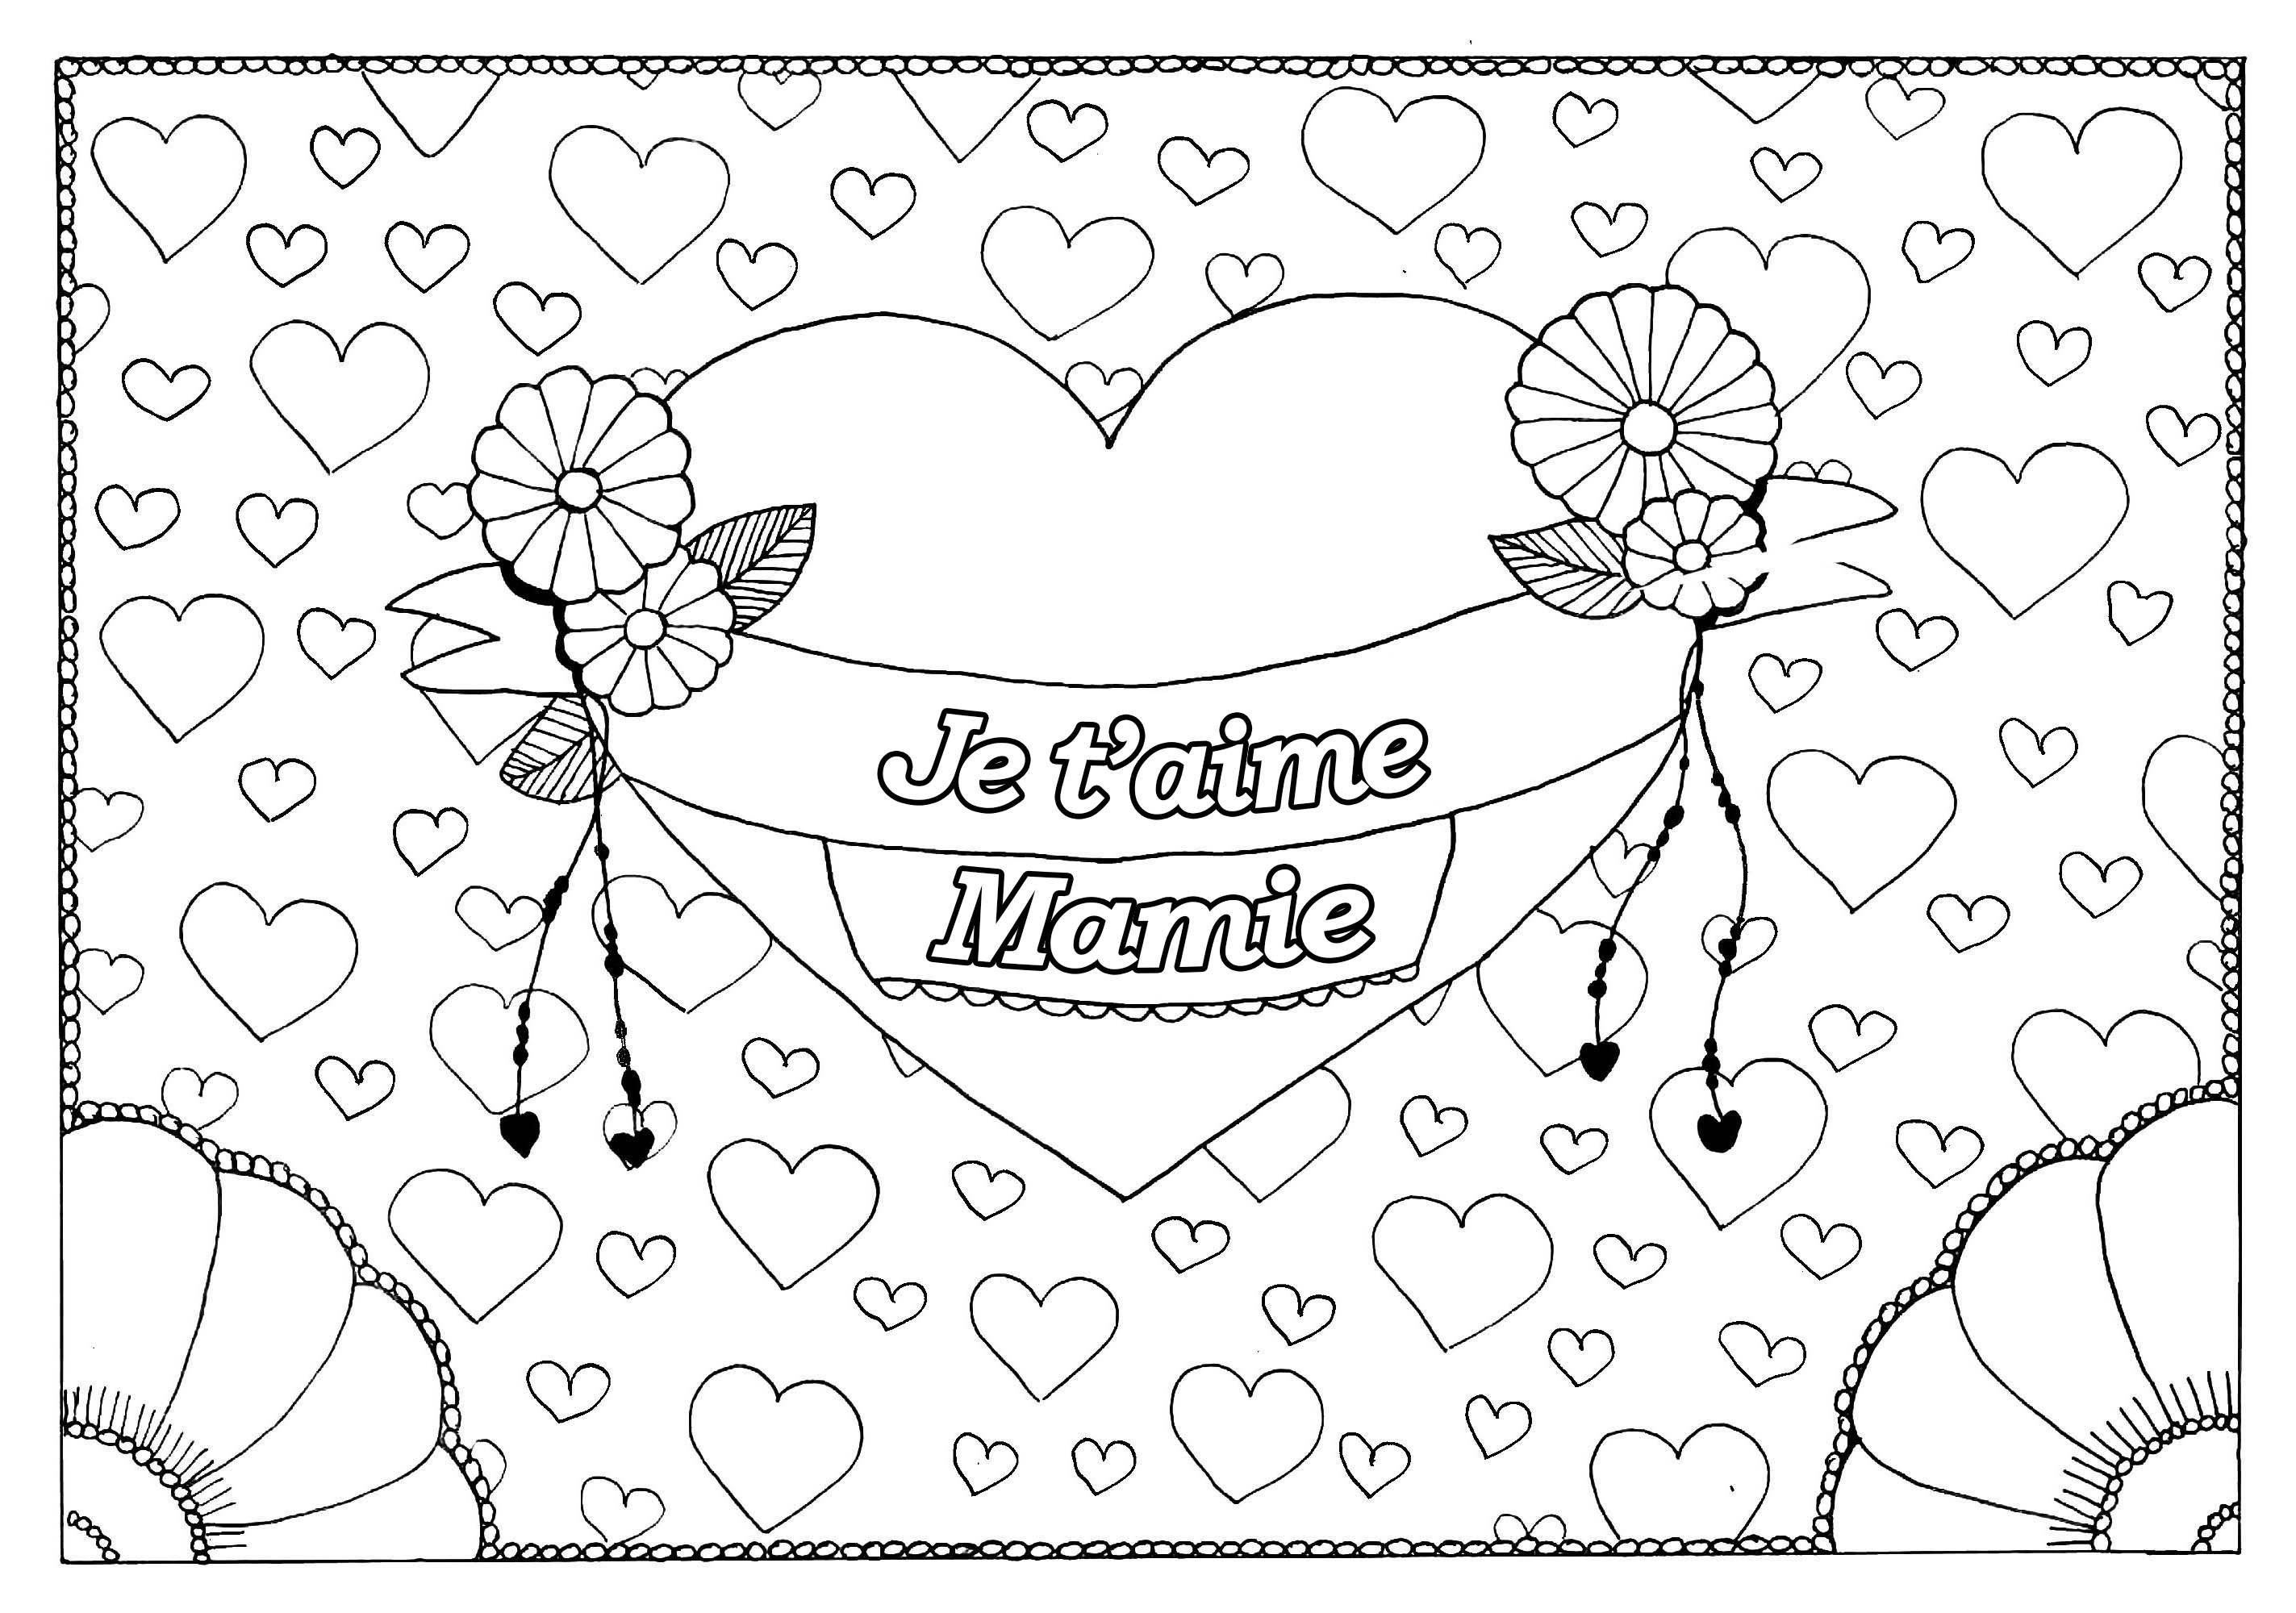 Coloriage Coeur Amour Gratuit.Coloriage Je Taime A Imprimer Coloriages A Imprimer Gratuits